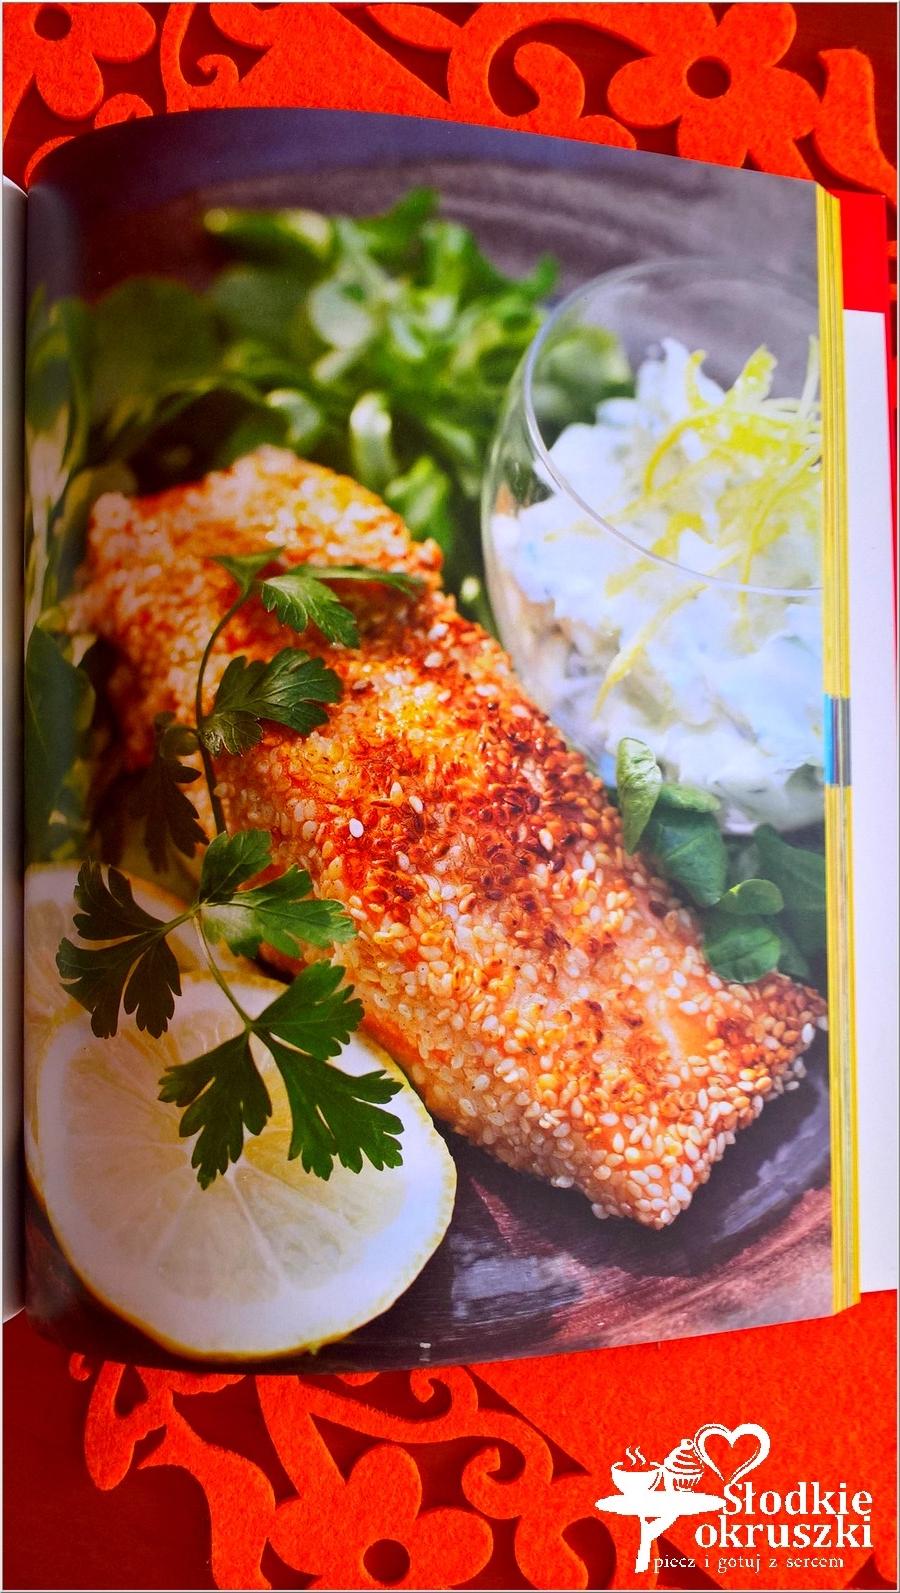 Dieta z niskim indeksem glikemicznym. Recenzja książki. (2)